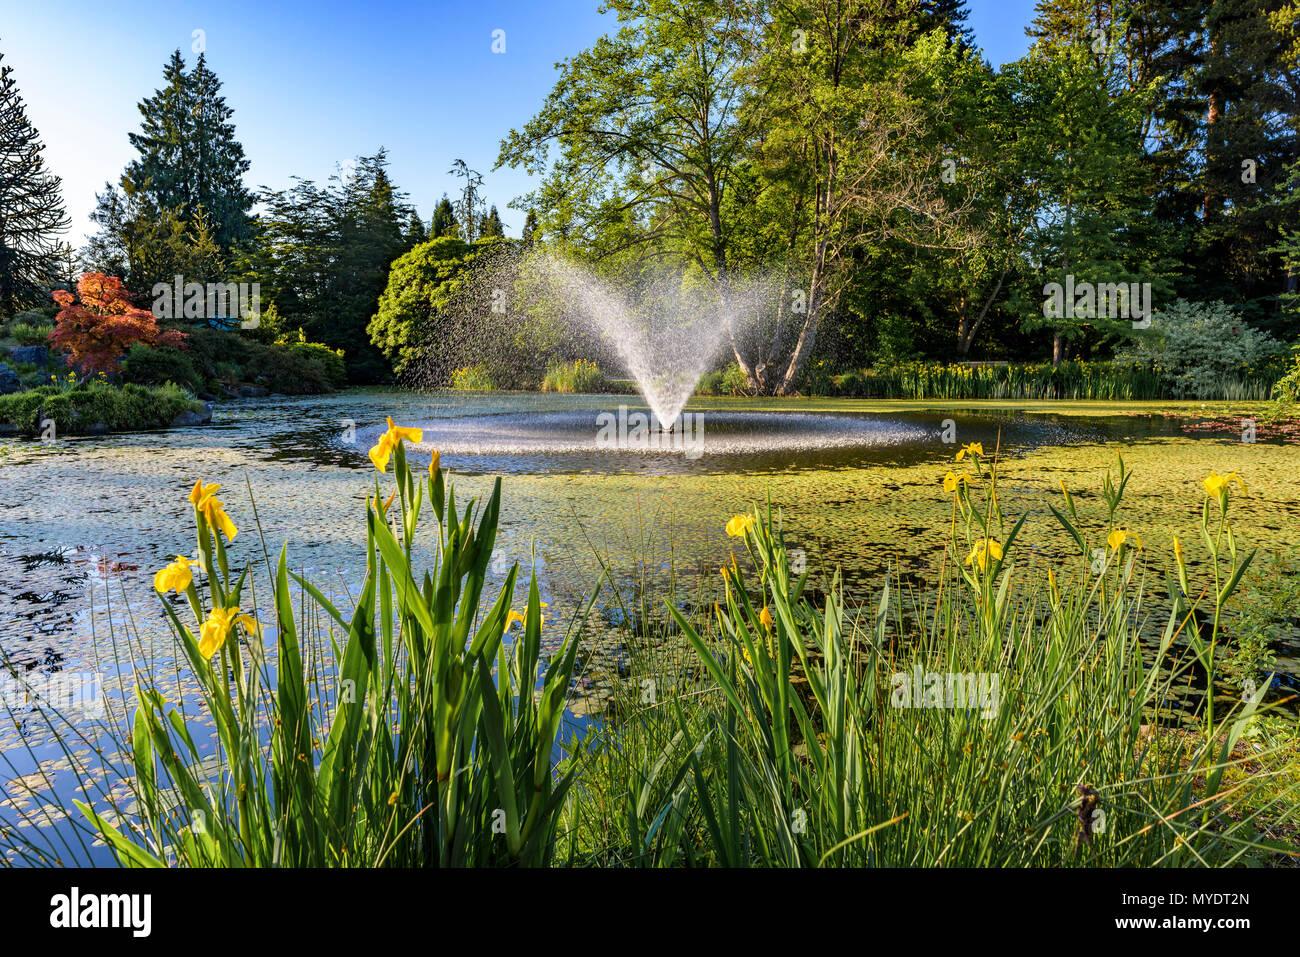 Estanque con fuente, Jardín Botánico VanDusen, Vancouver, British Columbia, Canadá. Foto de stock